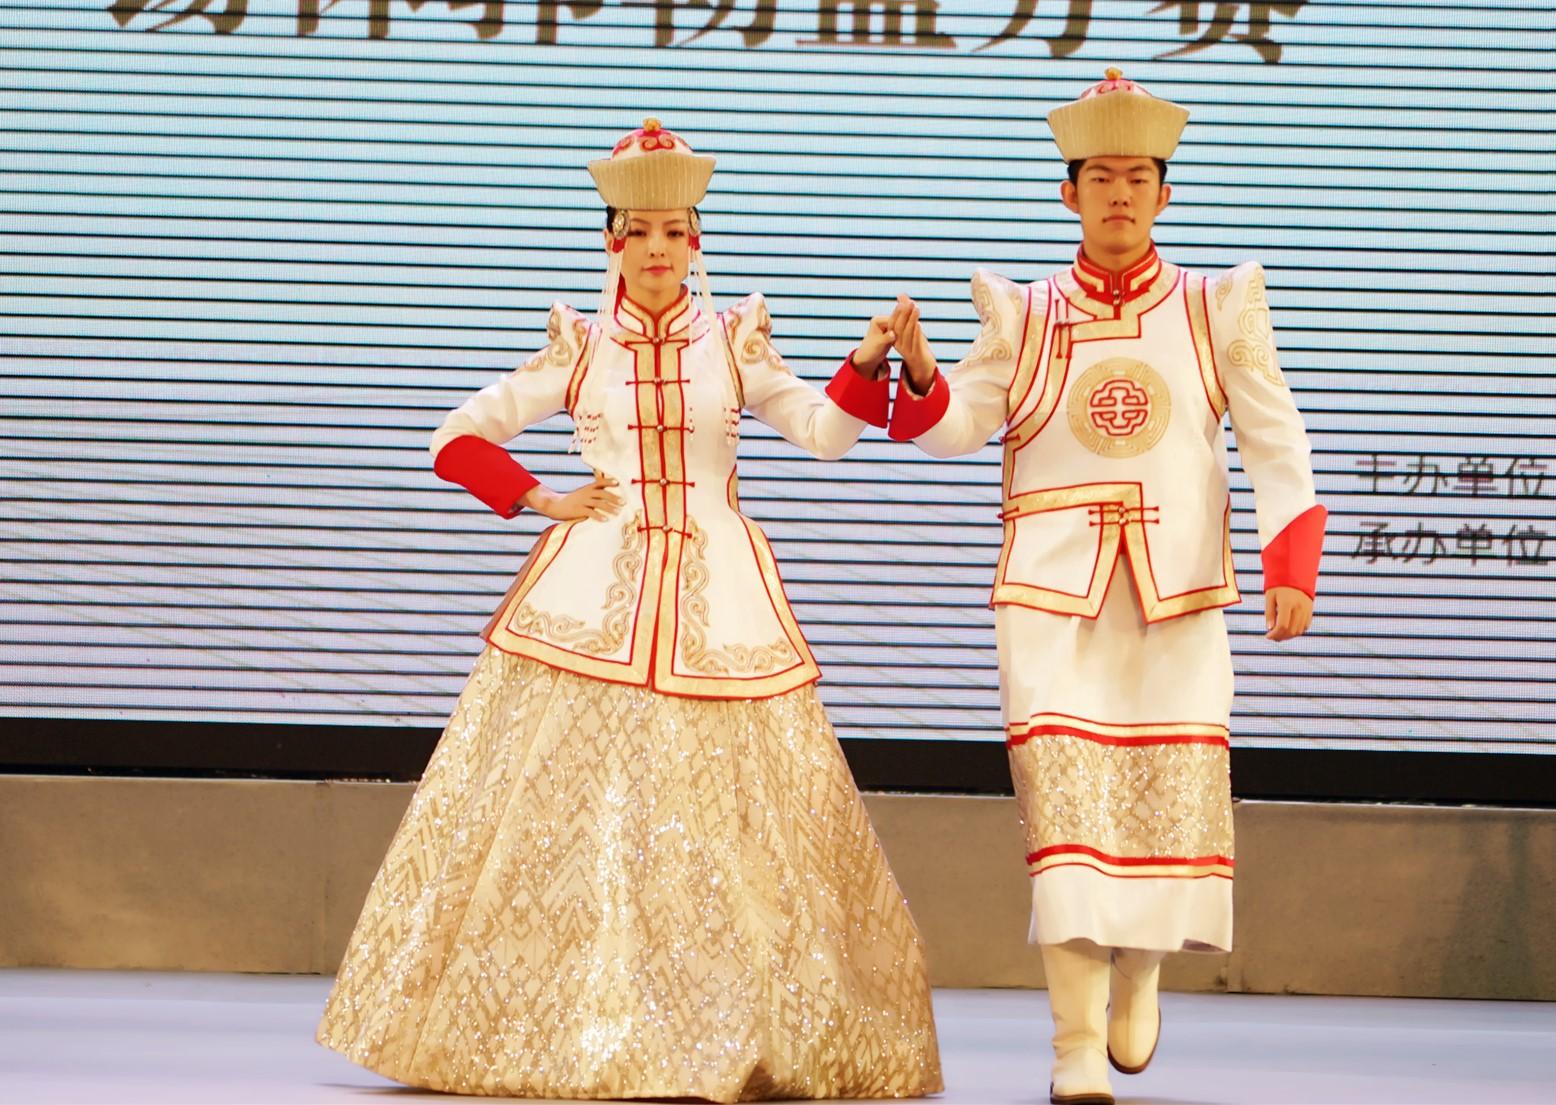 非遗的蒙古袍艺术节华丽变身,引得众人啧啧称赞